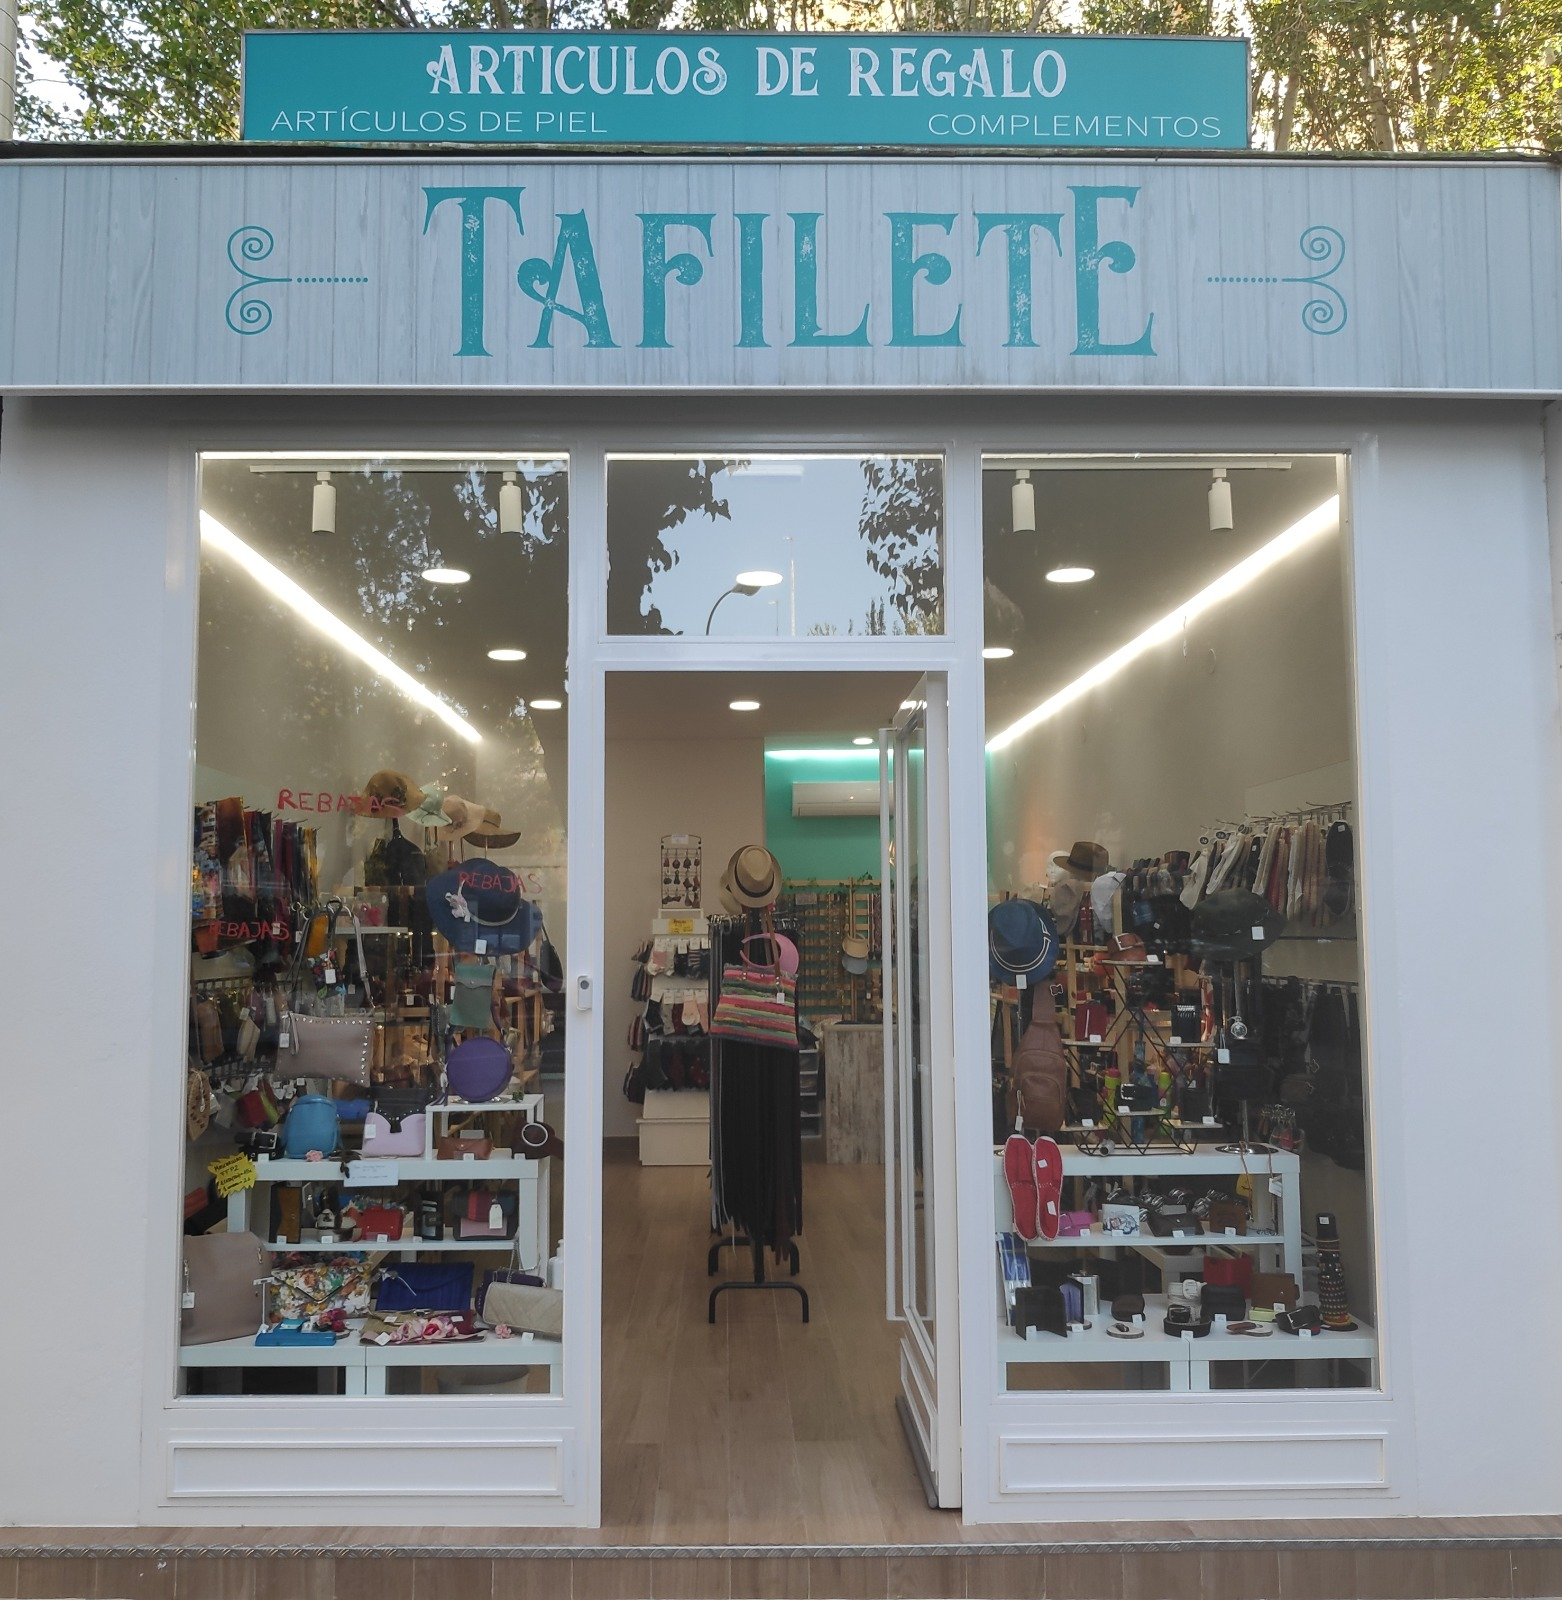 Tafilete, la tienda de regalos con algo más que piel